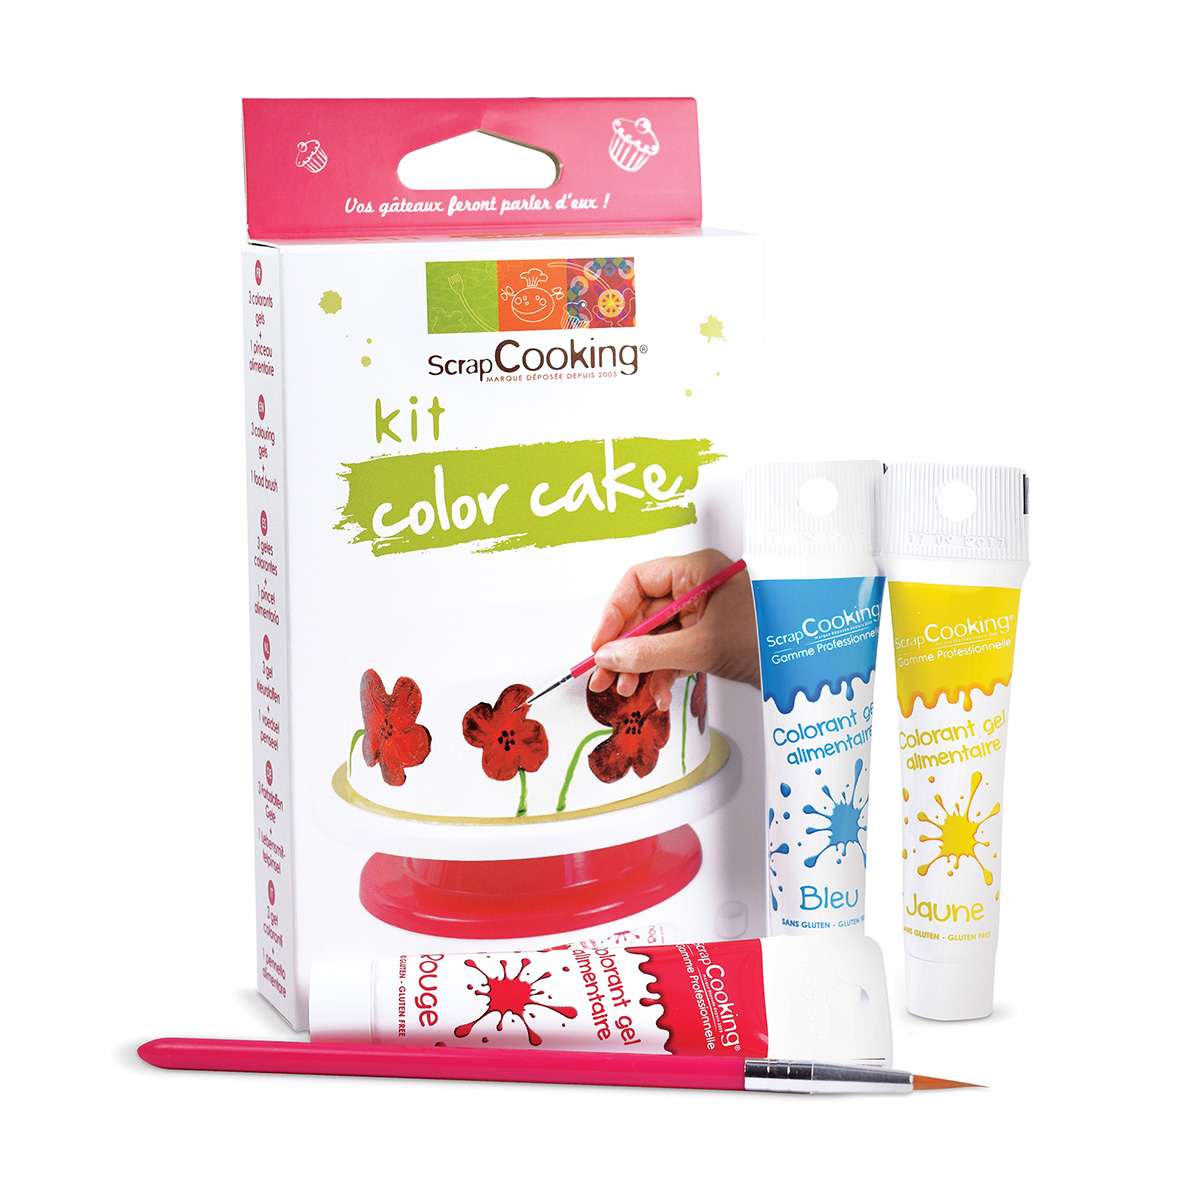 Image du produit Kit Color'cake - Scrapcooking